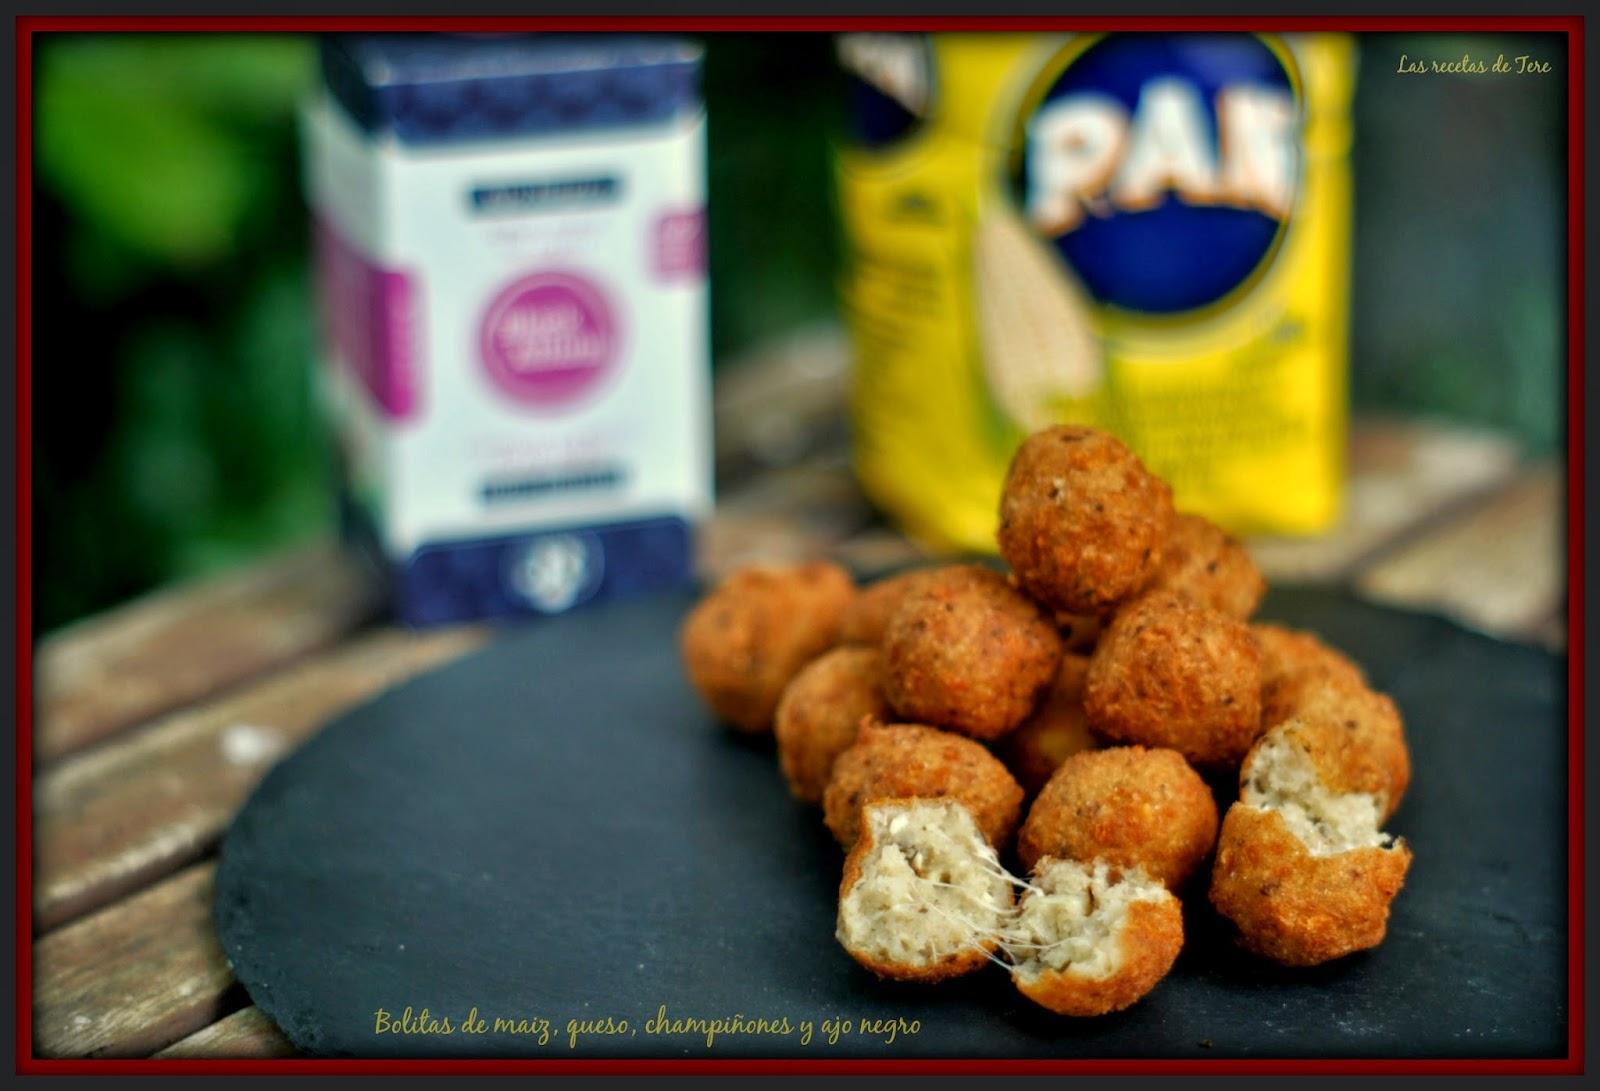 Bolitas de maiz queso champiñones y ajo negro 01